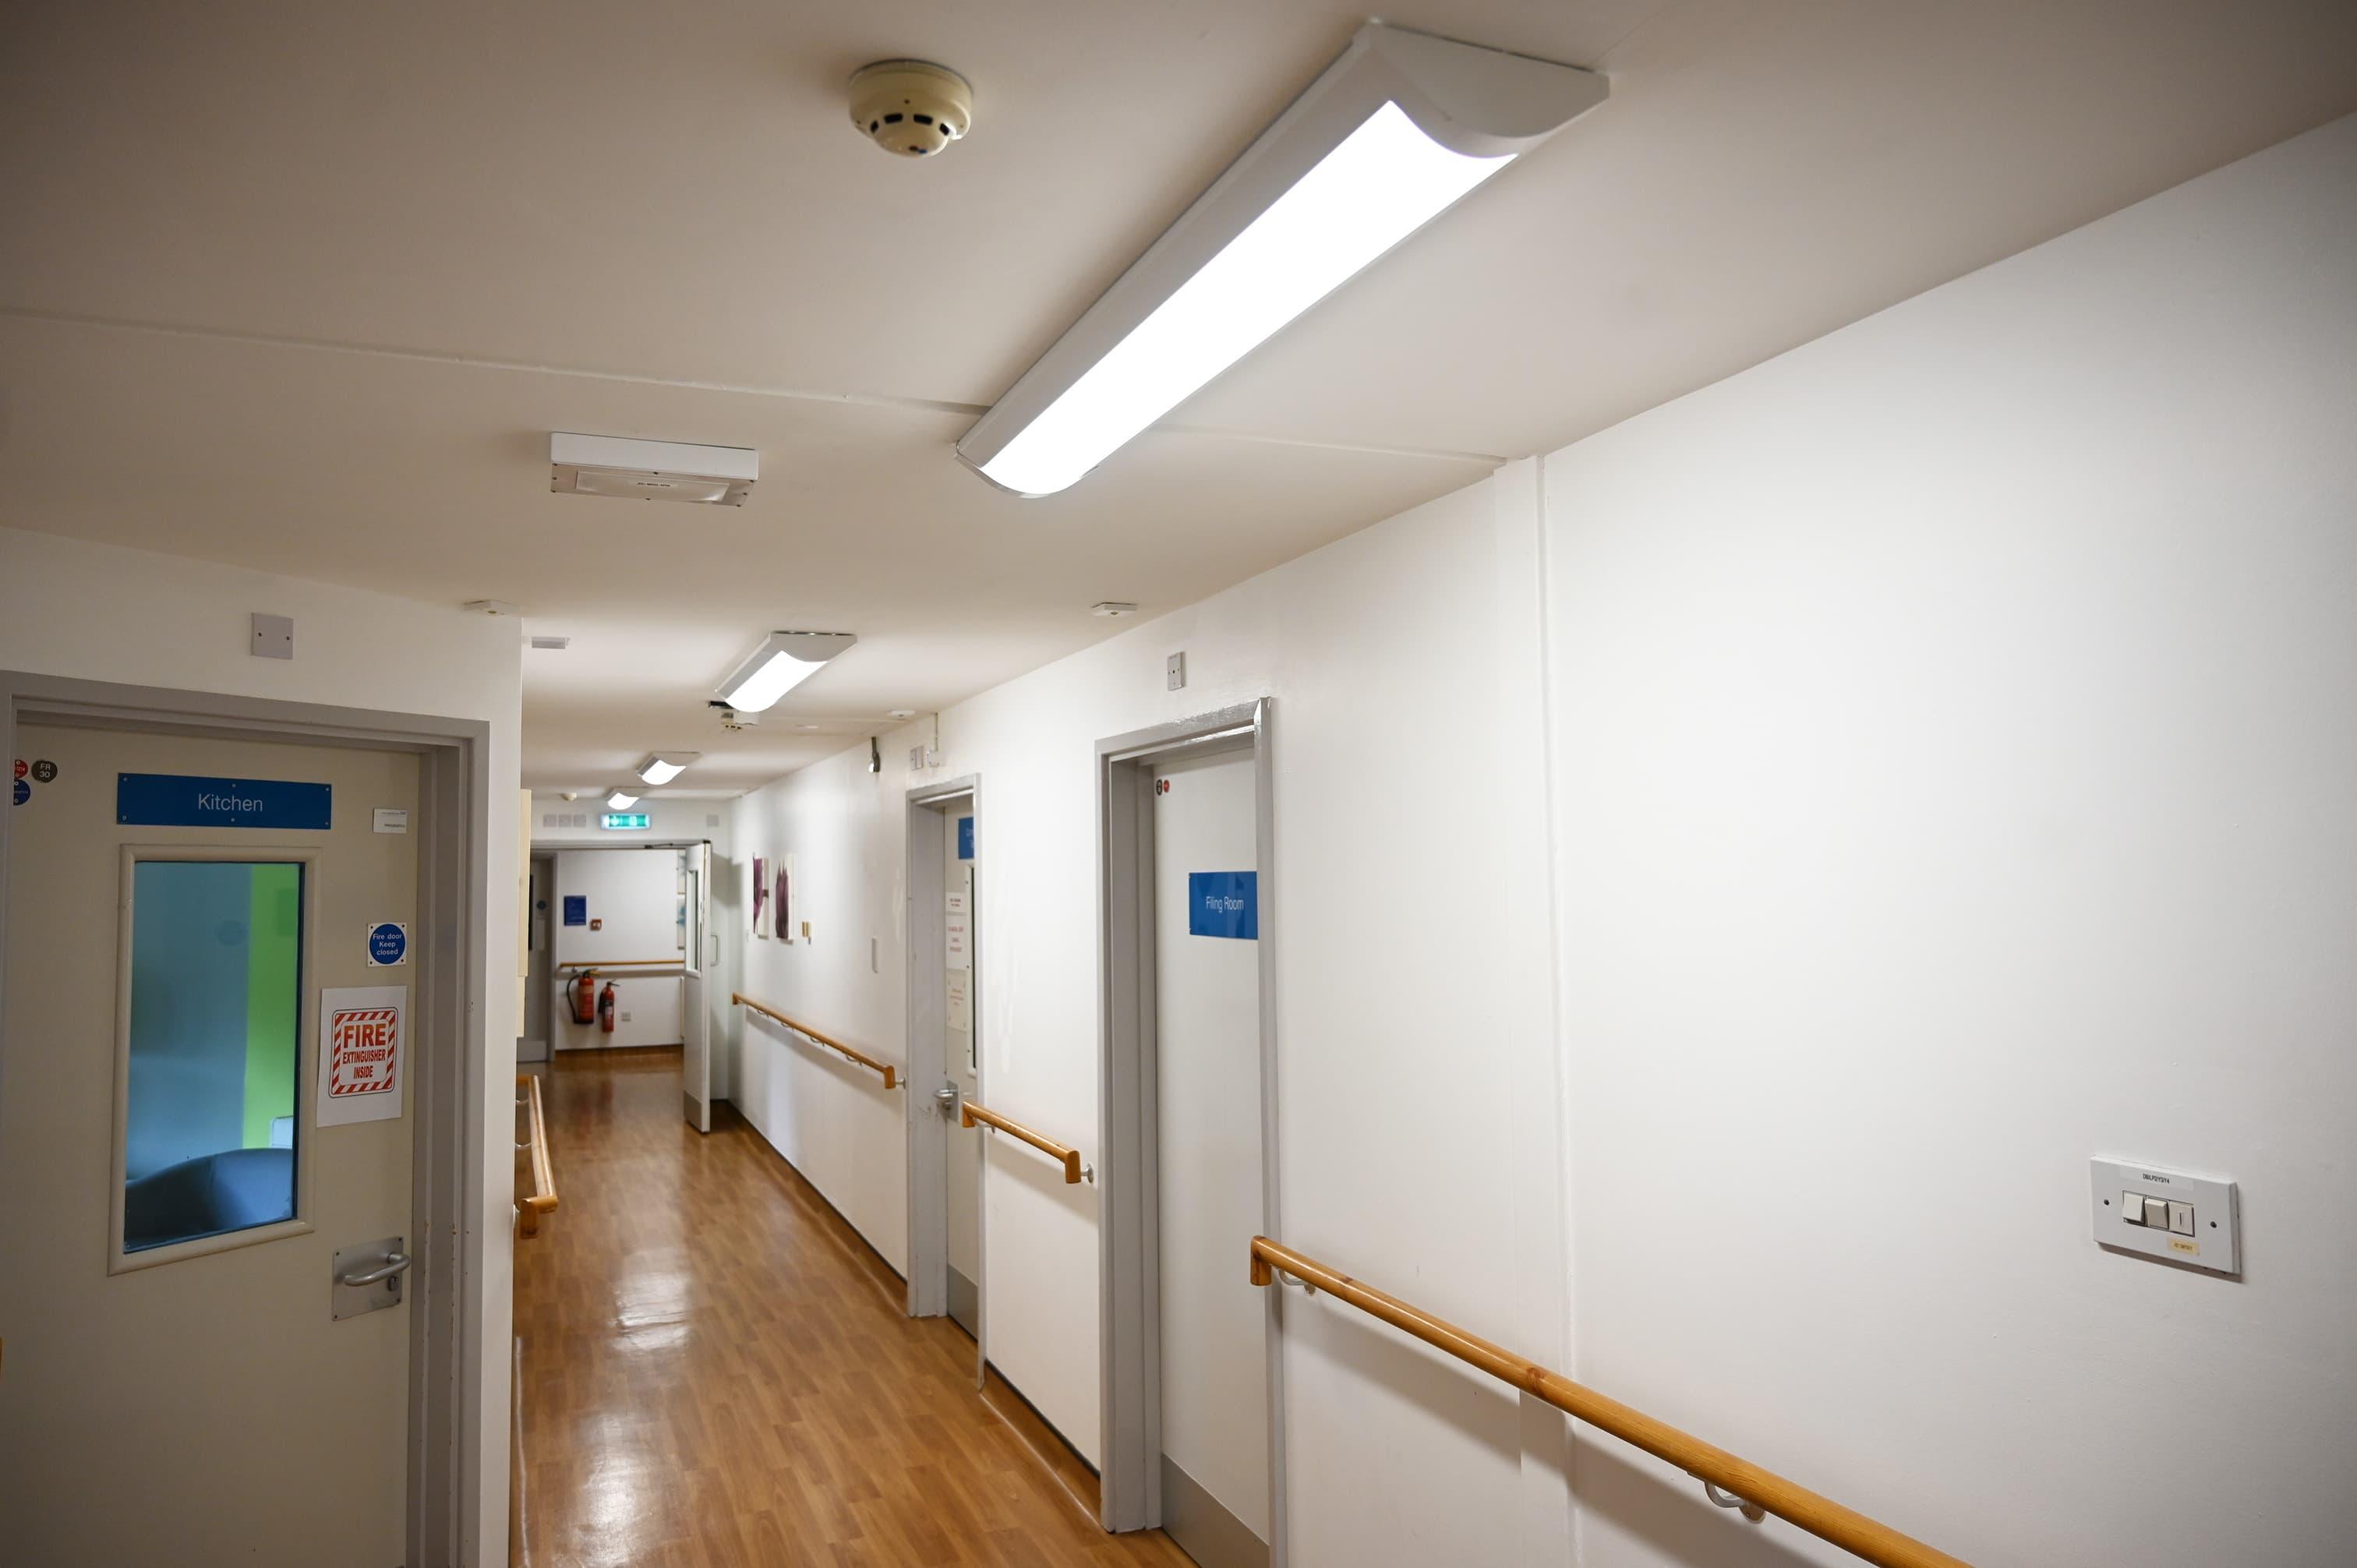 Prestwich Hospital - Corridor